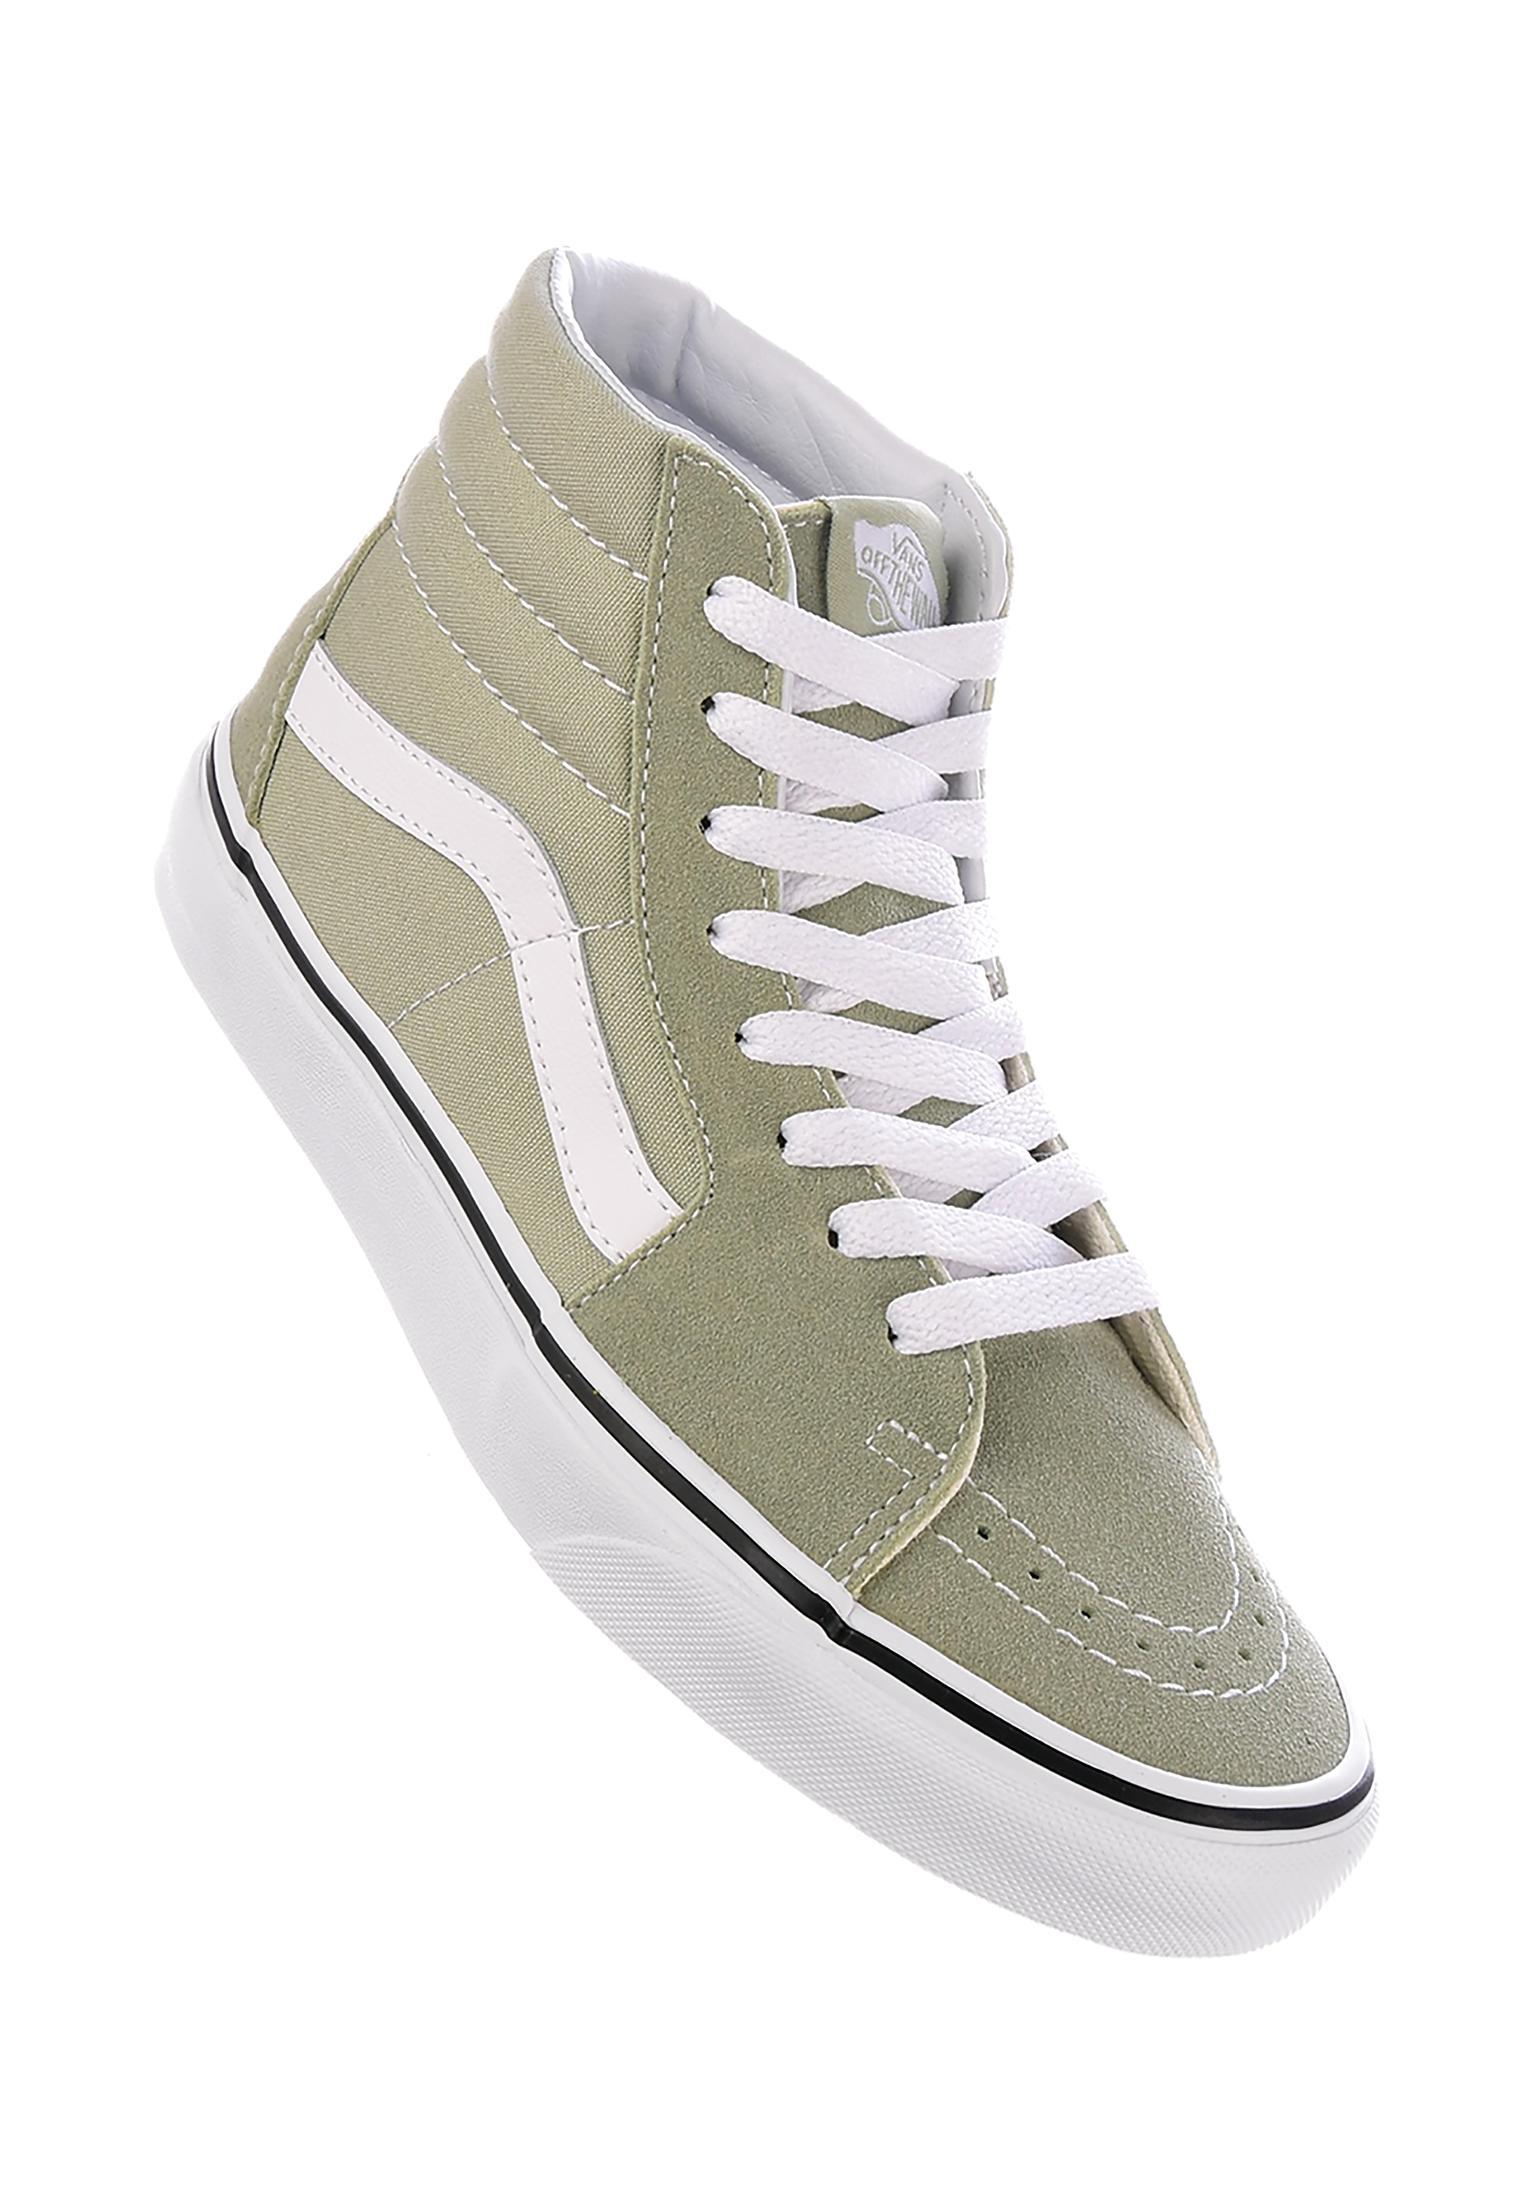 online retailer 965ff e2adb Sk8-Hi Vans All Shoes in desertsage-truewhite for Women  Tit